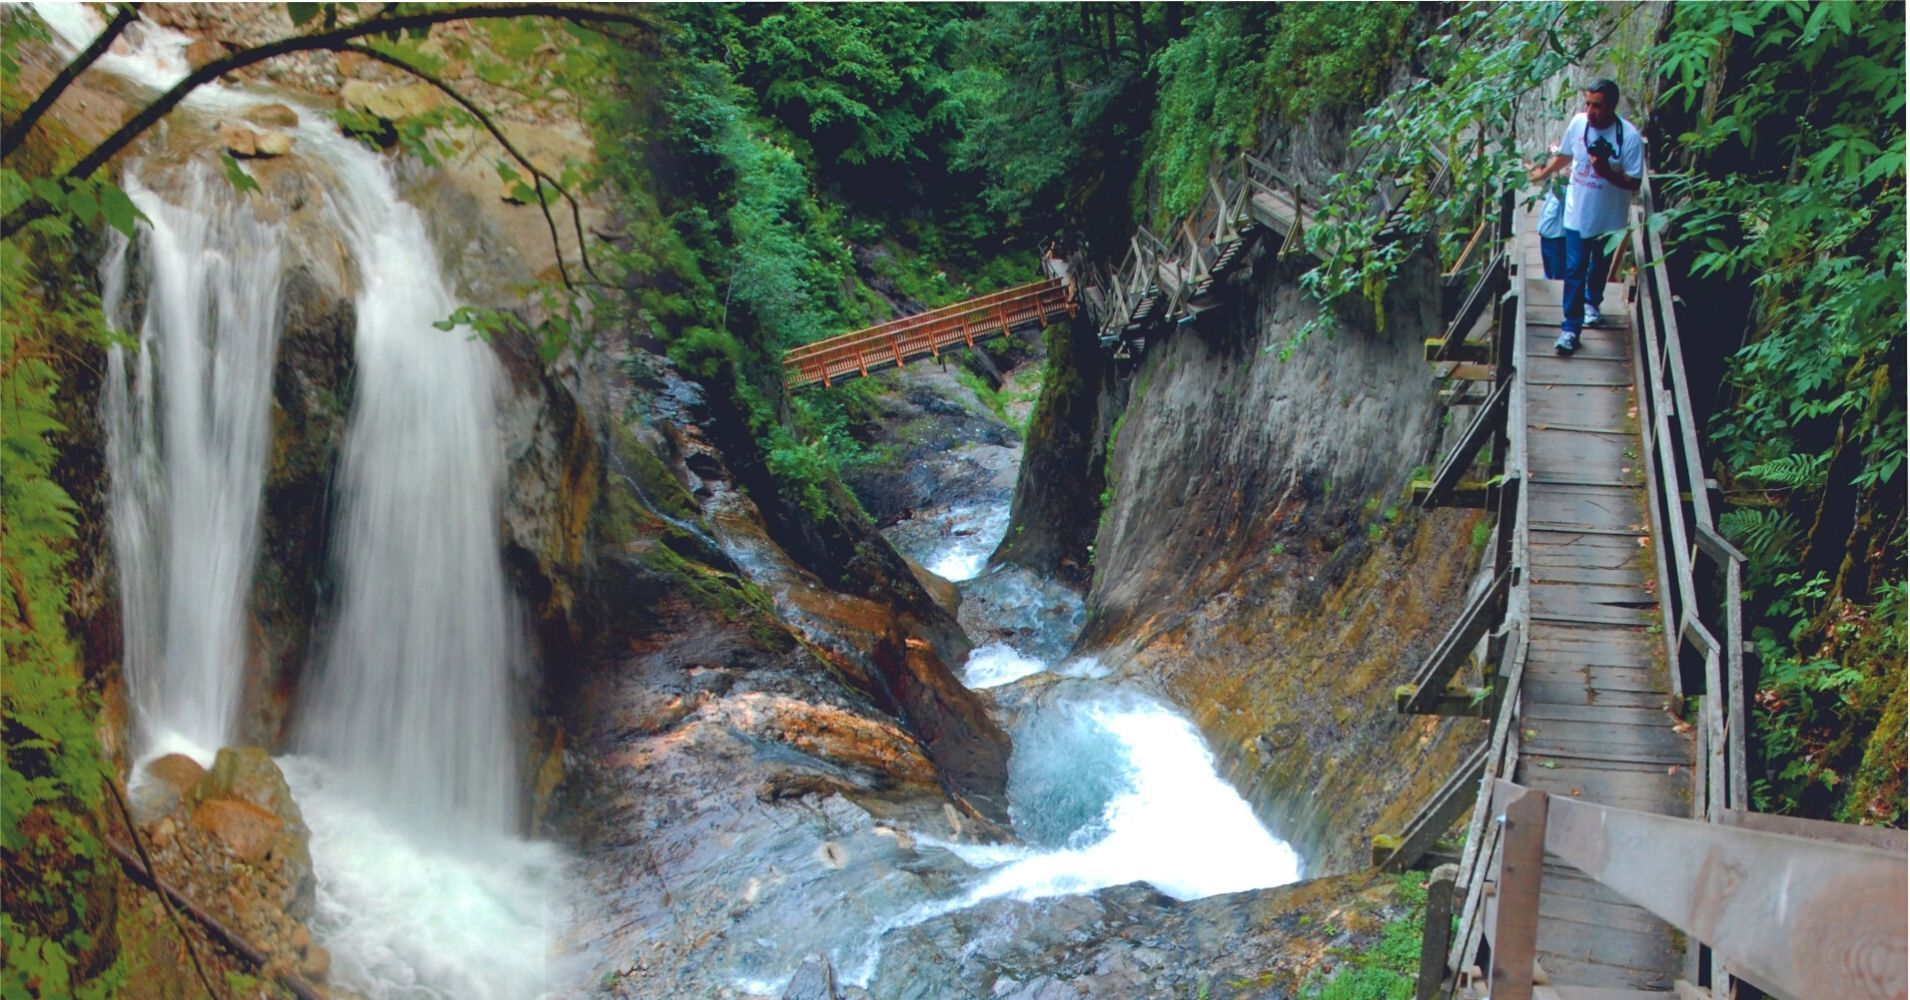 Garganta y Cascadas en Les Valettes. Valais, Suiza.